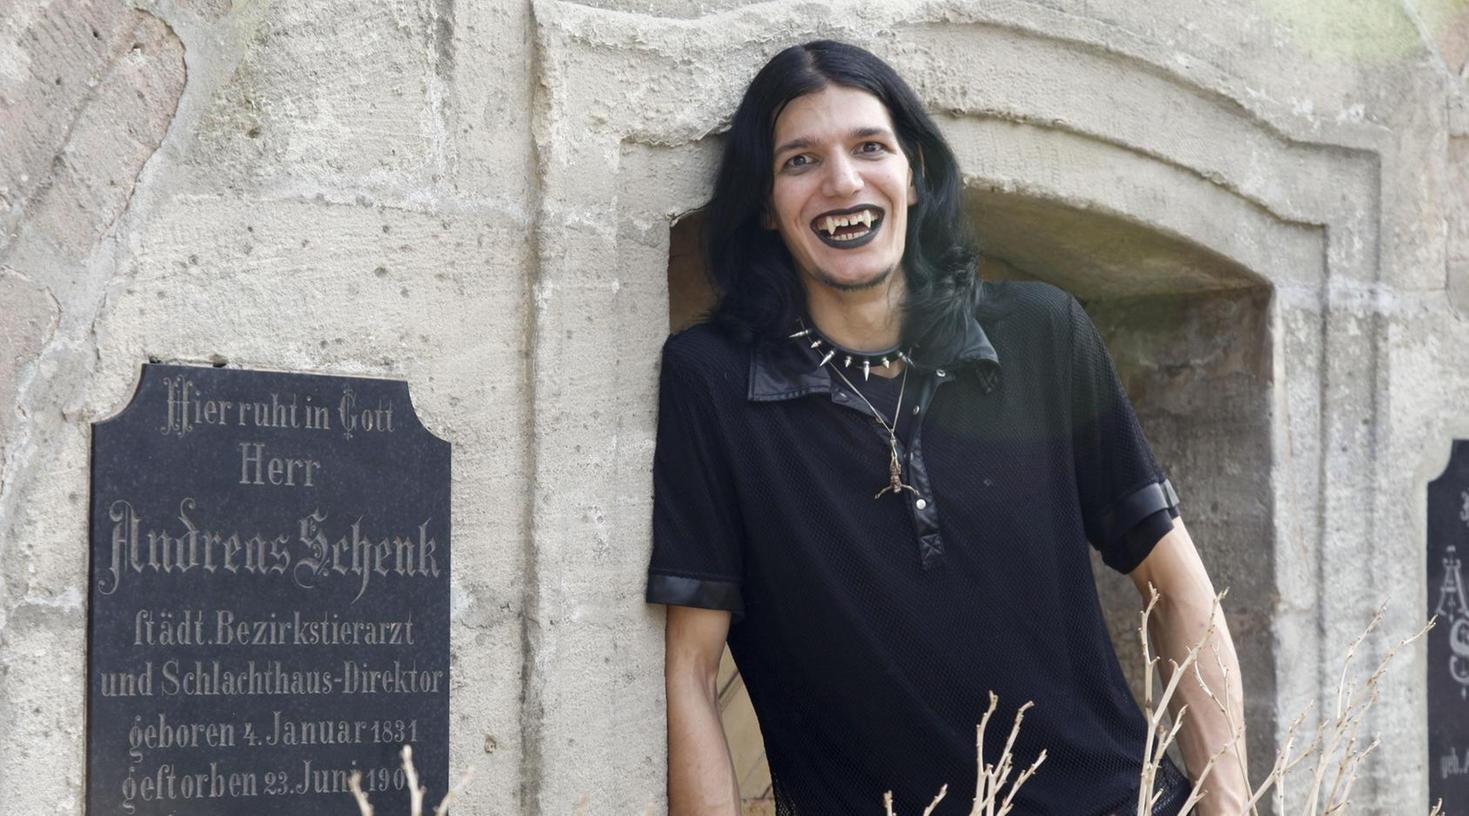 Patrick liebt die finsteren Mächte. Mit den Vampirzähnen, die ihm ein Zahnarzt extra angefertigt hat, könne man gut essen, sagt der Metzger. Auf dem Altstädter Friedhof besucht er die Gruft des früheren Schlachthaus-Direktors.